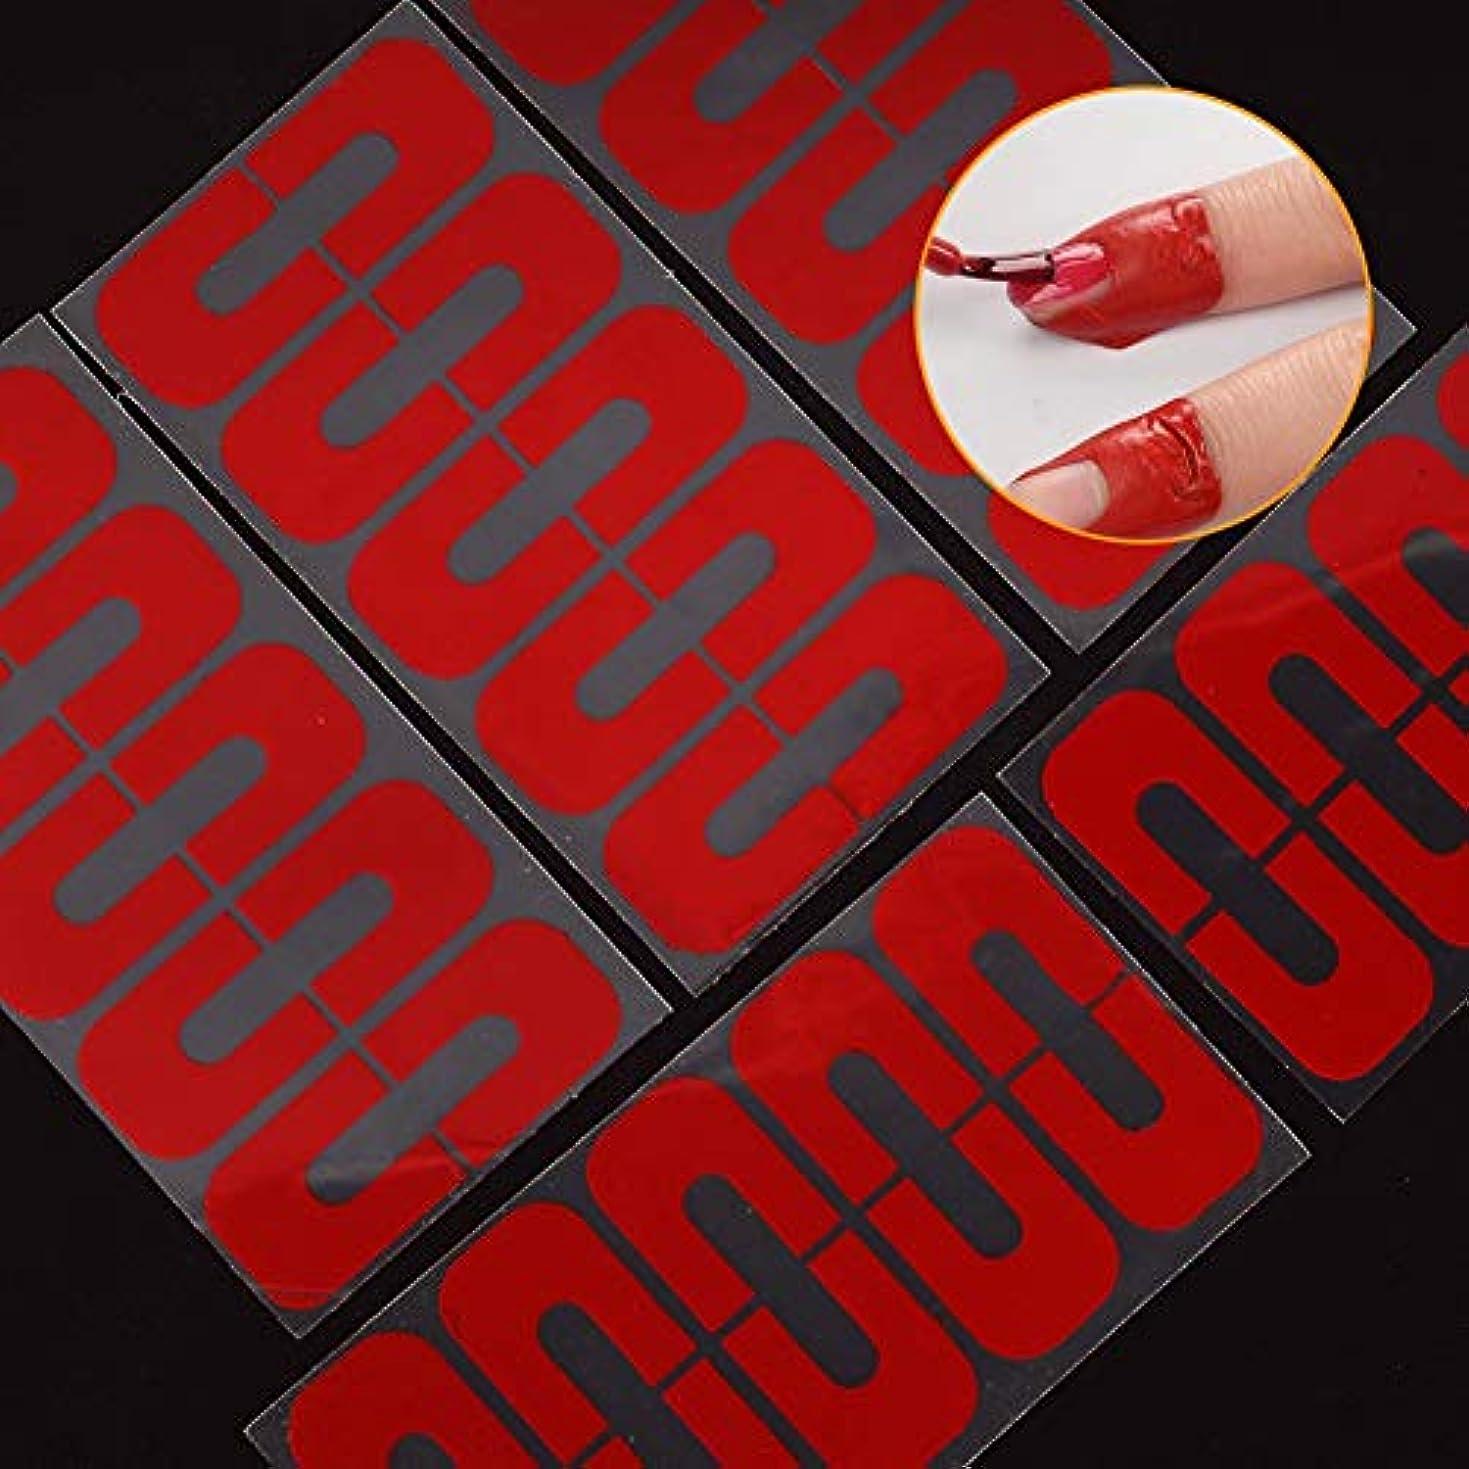 分配しますマサッチョパズルhamulekfae-50個使い捨てU字型こぼれ防止ネイルプロテクター弾性指カバーステッカー - 赤50個Red50pcs